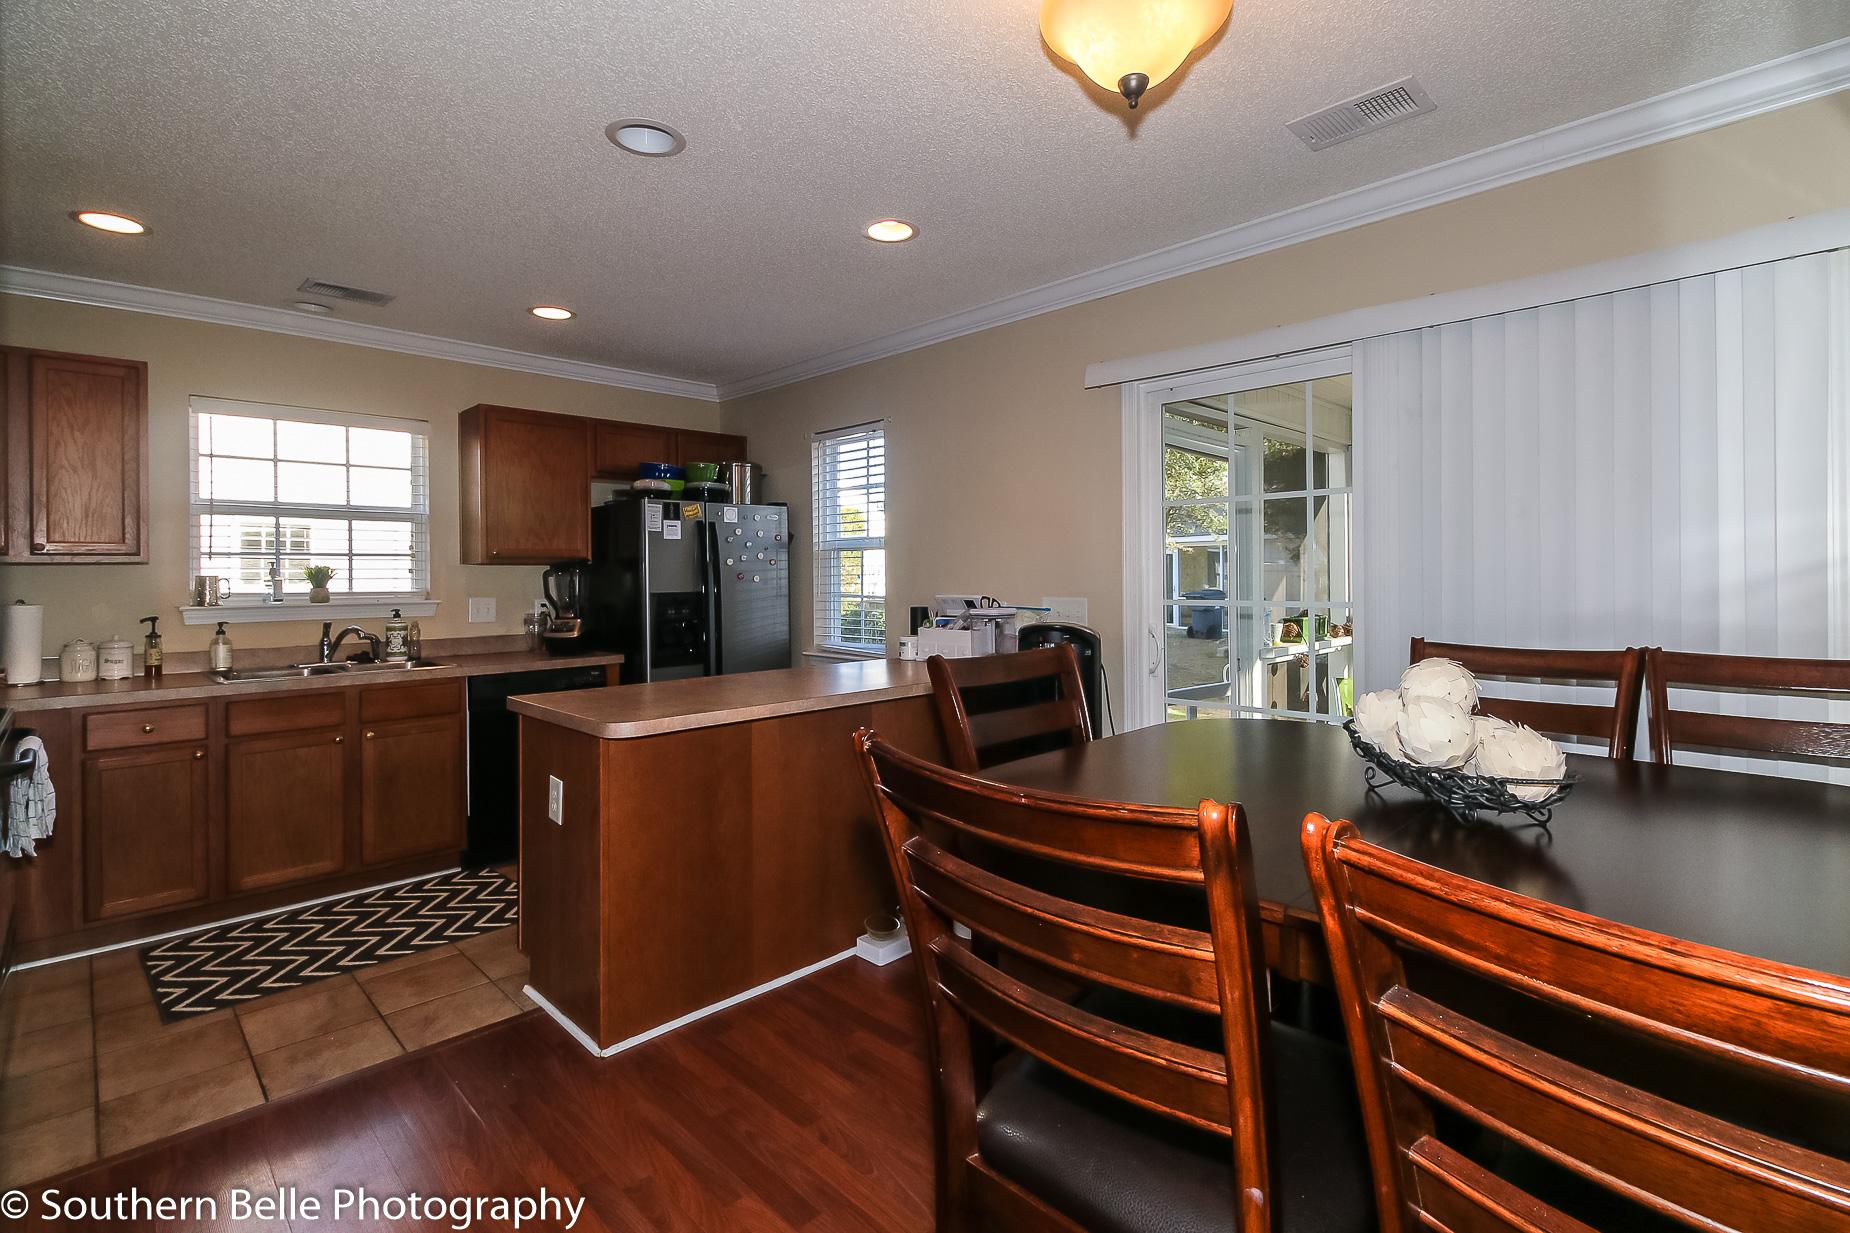 16. Kitchen- Dinning View WM